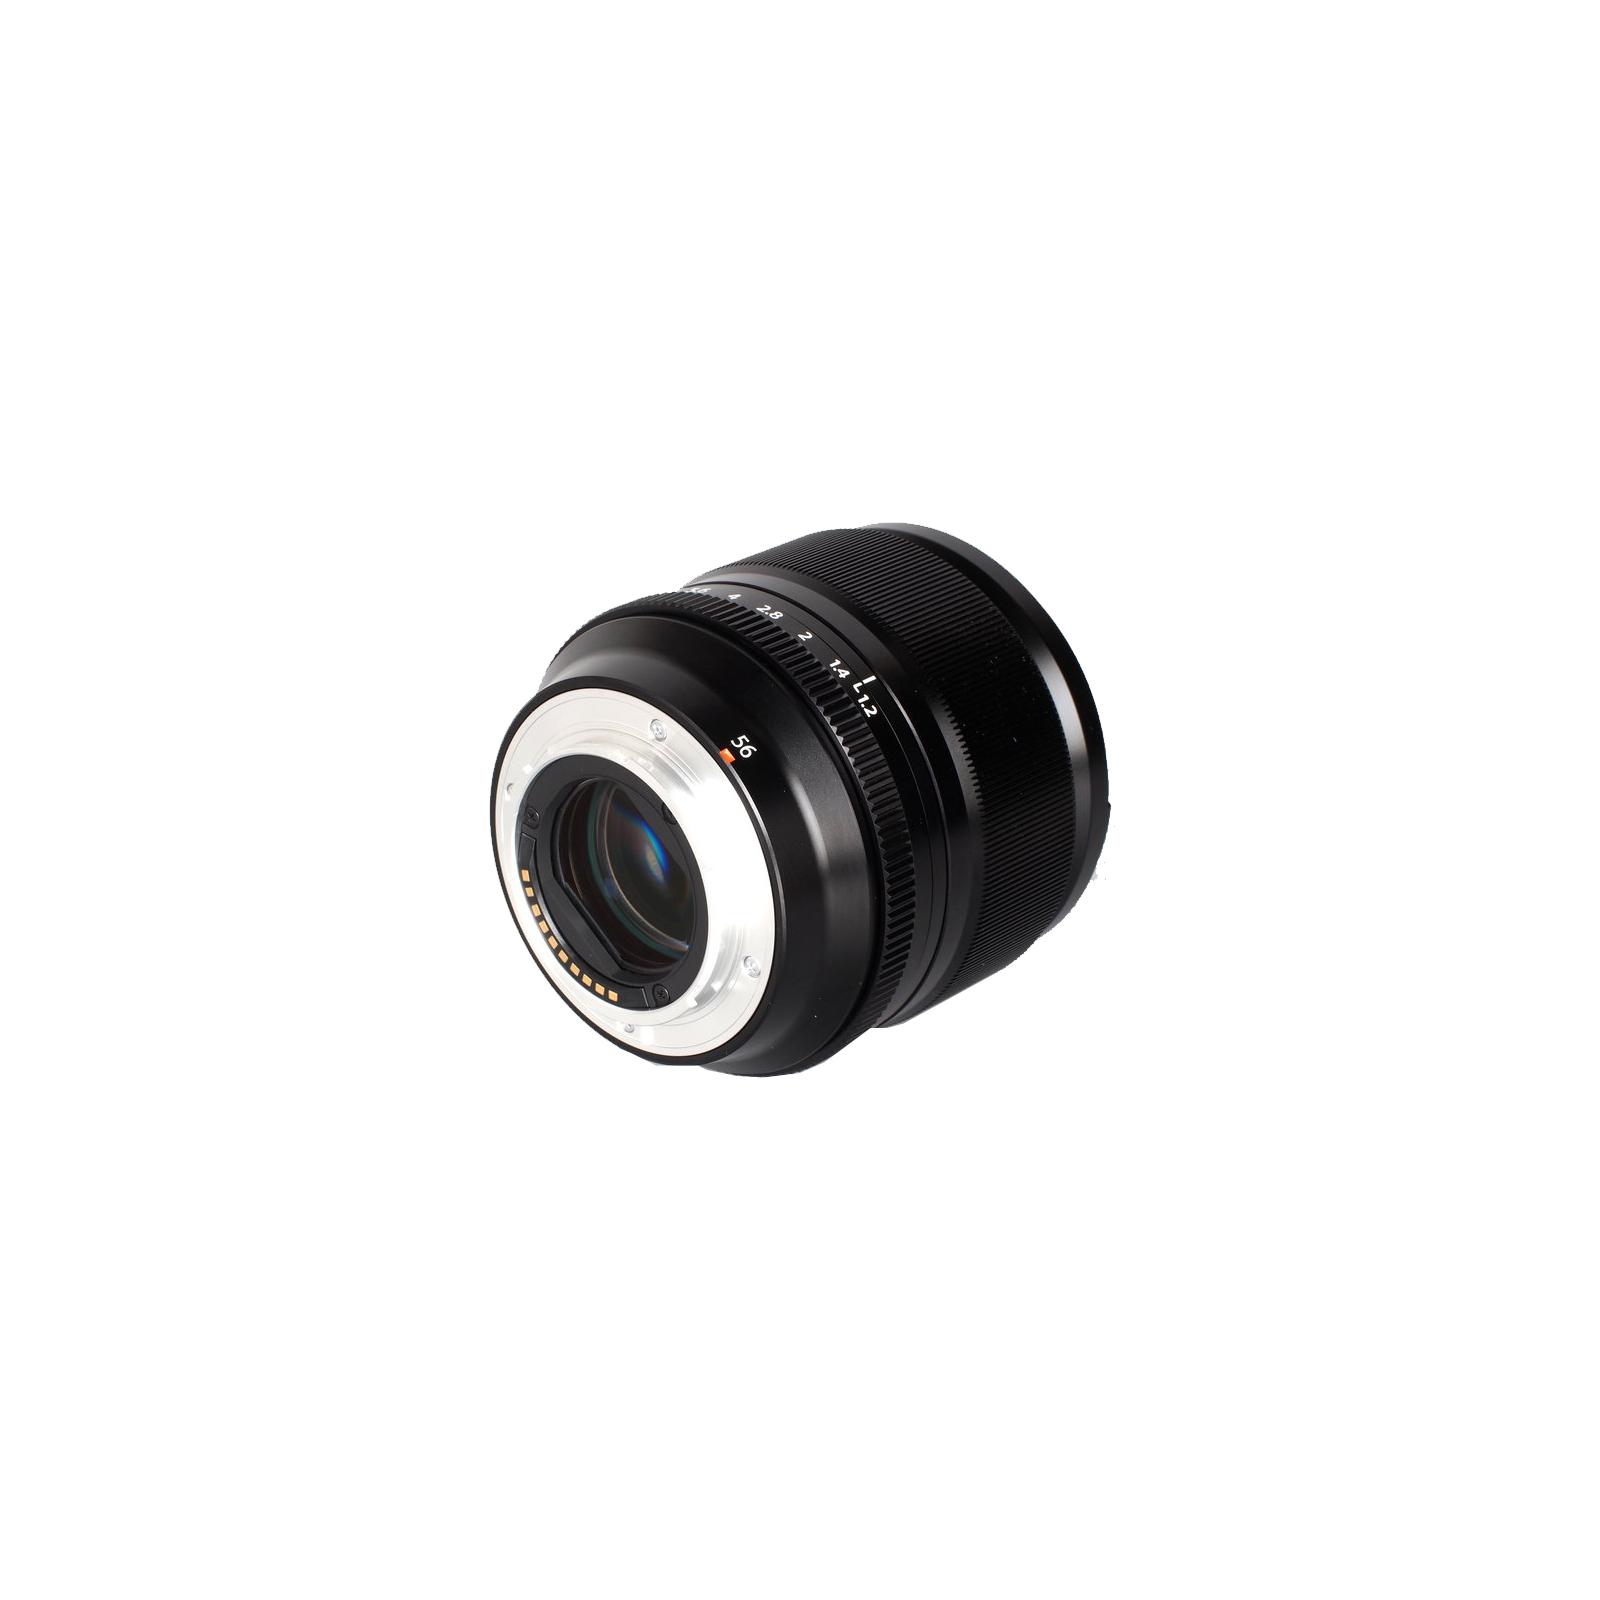 Объектив Fujifilm XF-56mm F1.2 R (16418649) изображение 3